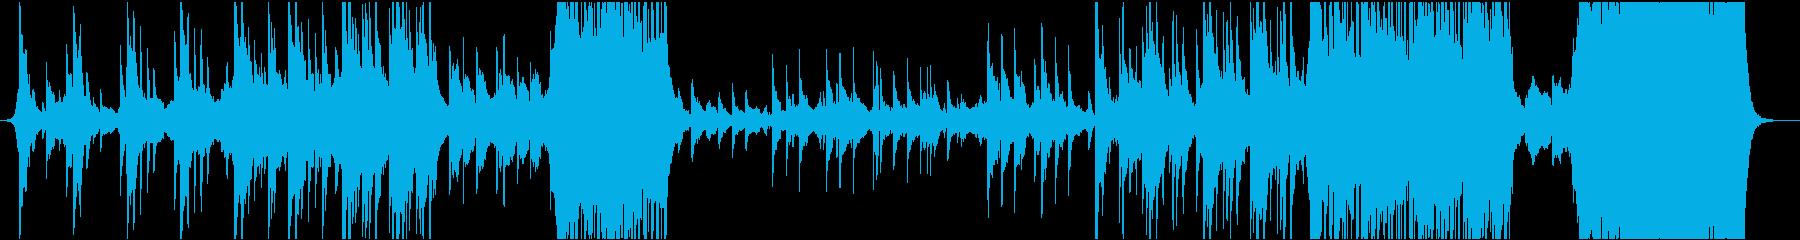 アンビエント 荘厳 透明感 淡々 打楽器の再生済みの波形